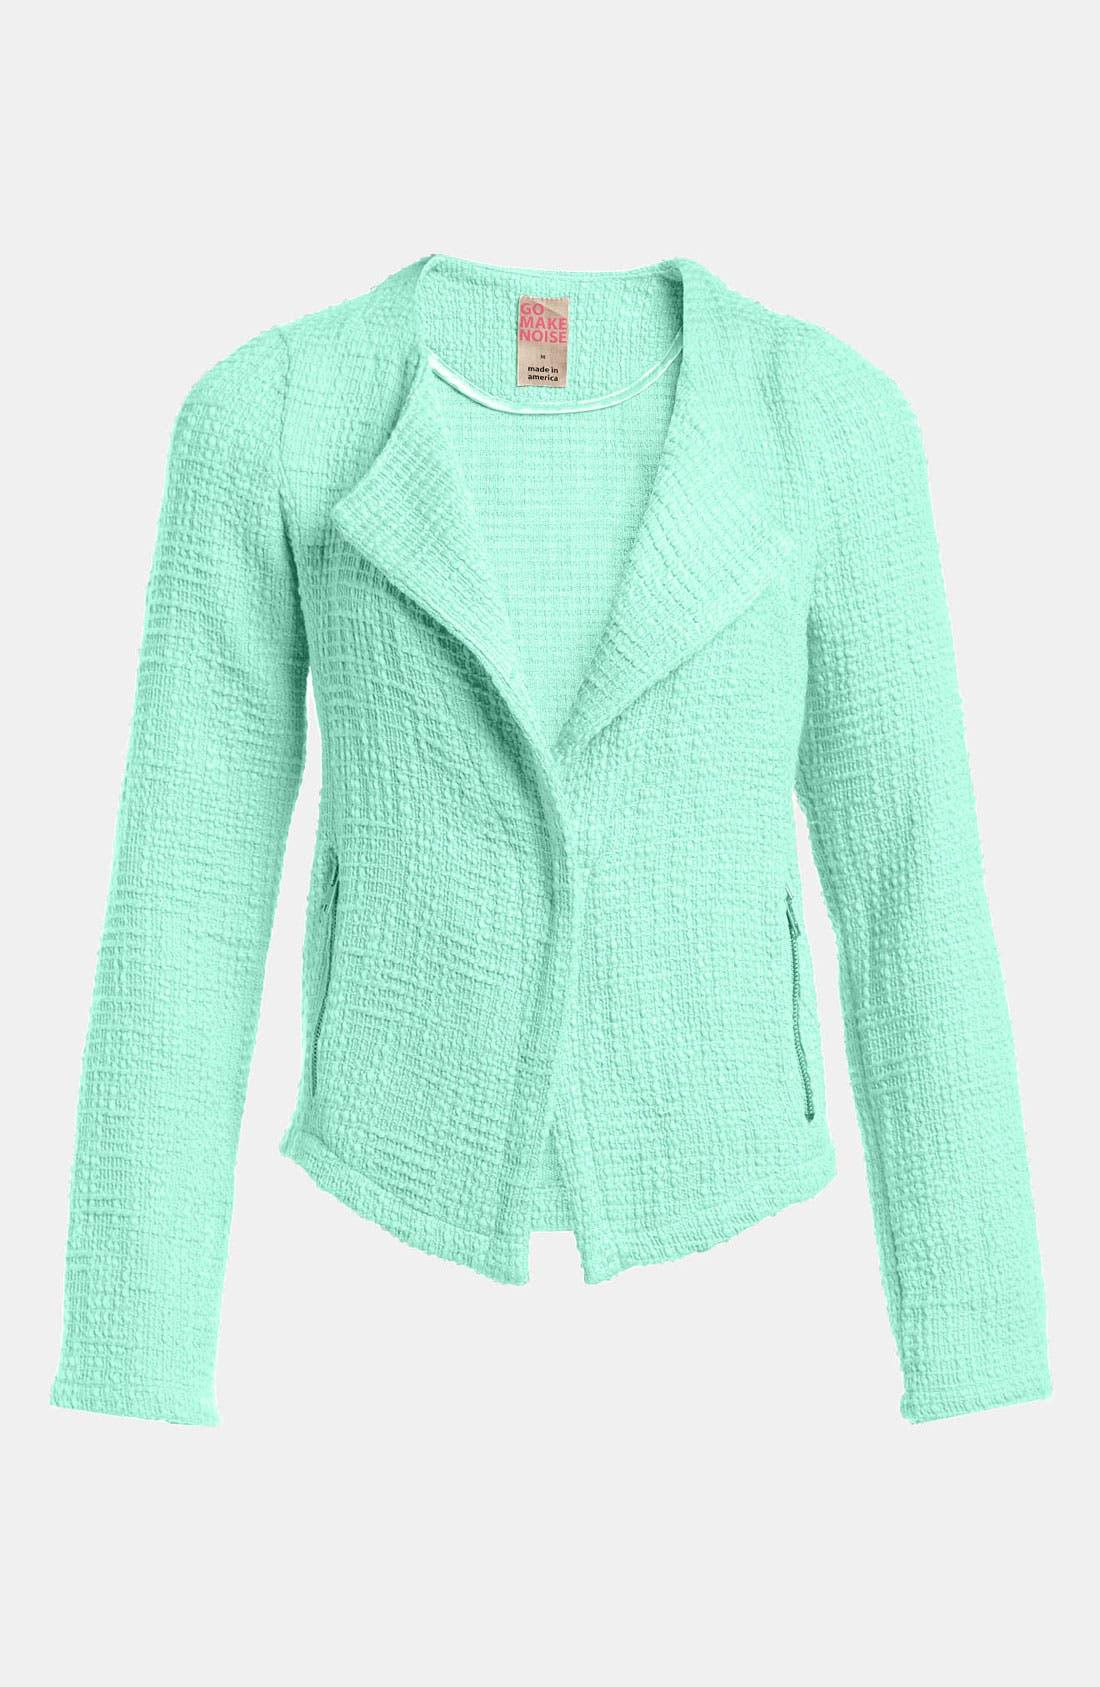 Main Image - Go Make Noise Textured Drape Front Jacket